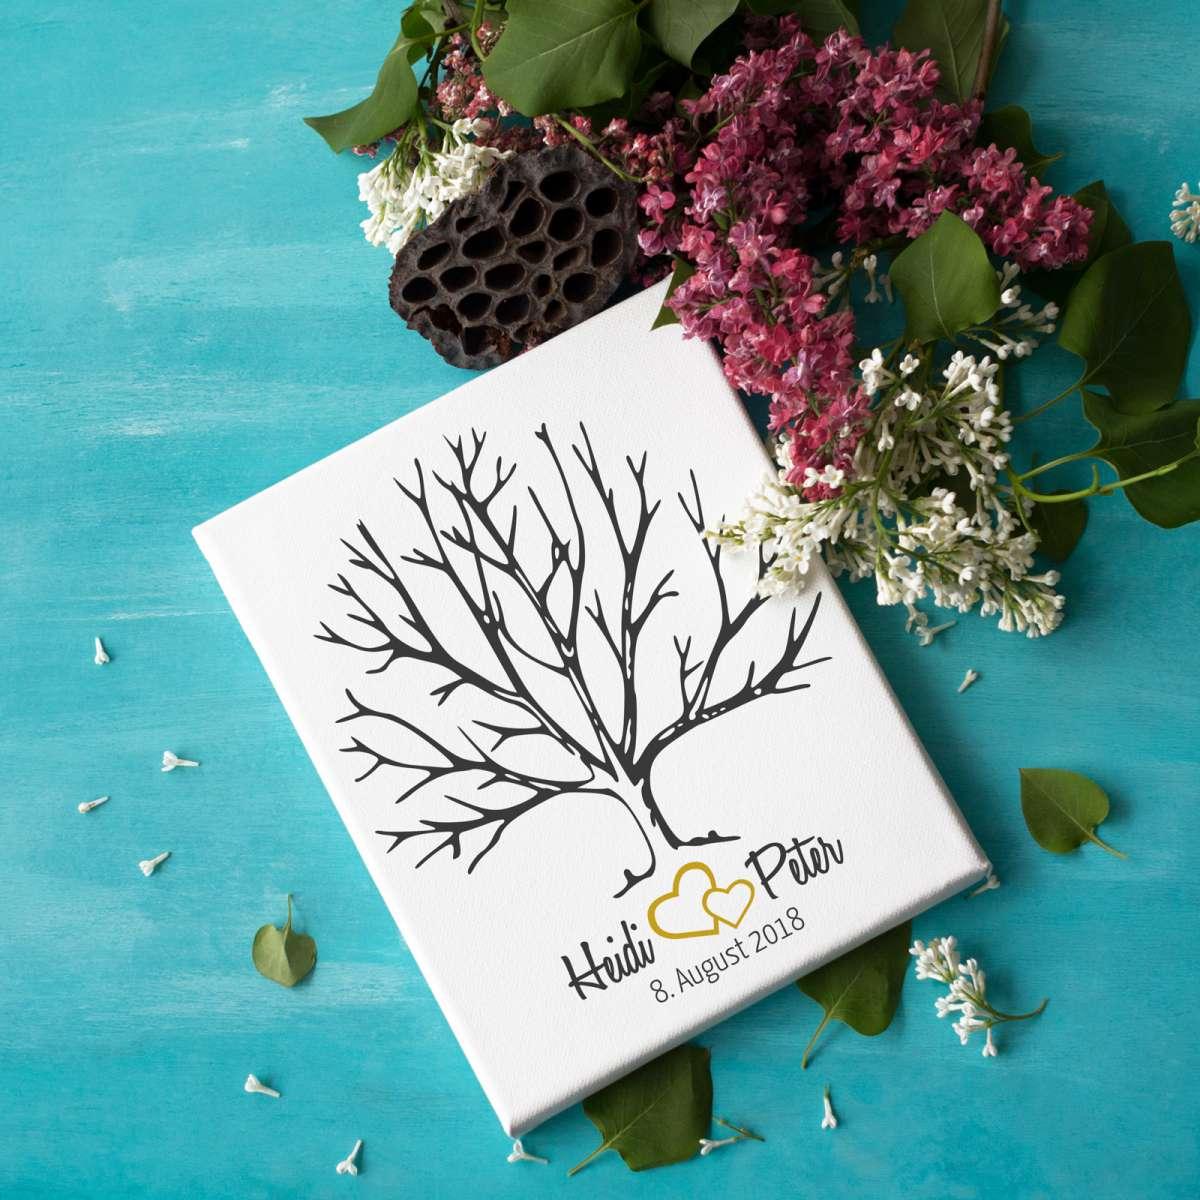 Personalisierter Hochzeitsbaum Fingerabdruck / Wedding Tree auf Leinwand - geeignet als Hochzeitsspiel oder Geschenk zur Hochzeit - Gästebuch Hochzeit